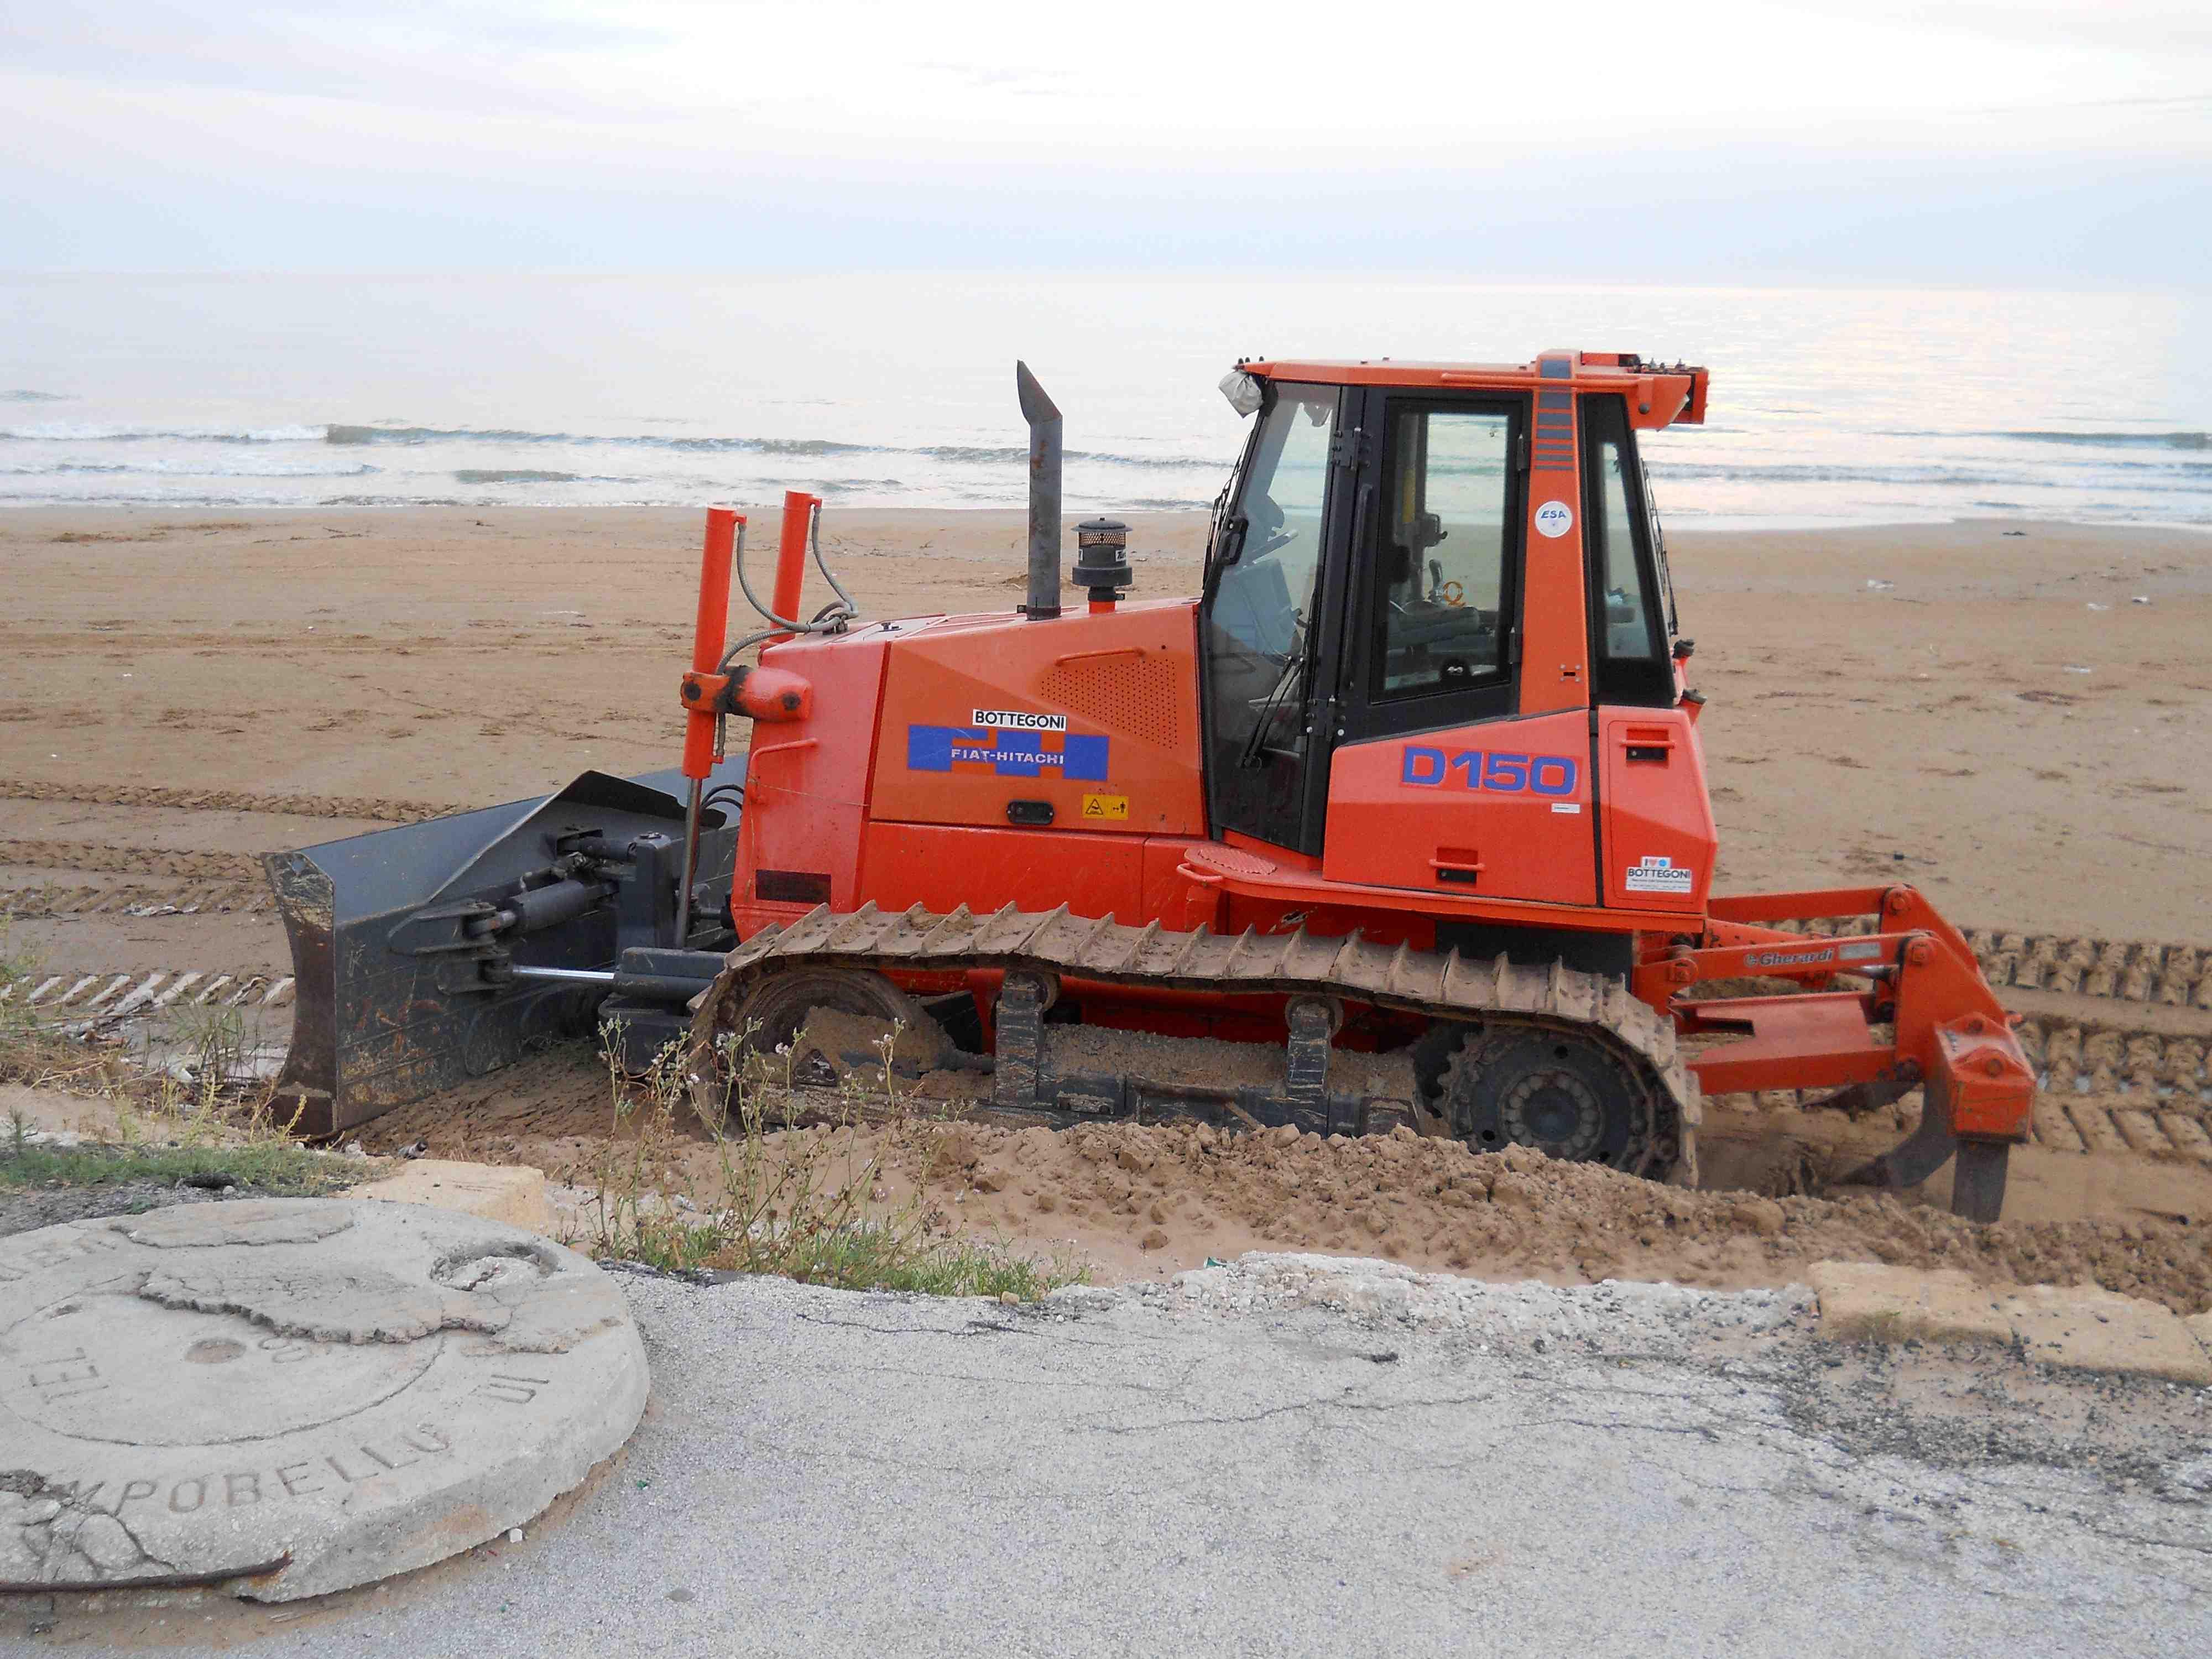 Campobello, iniziati i lavori per la rimozione della sabbia